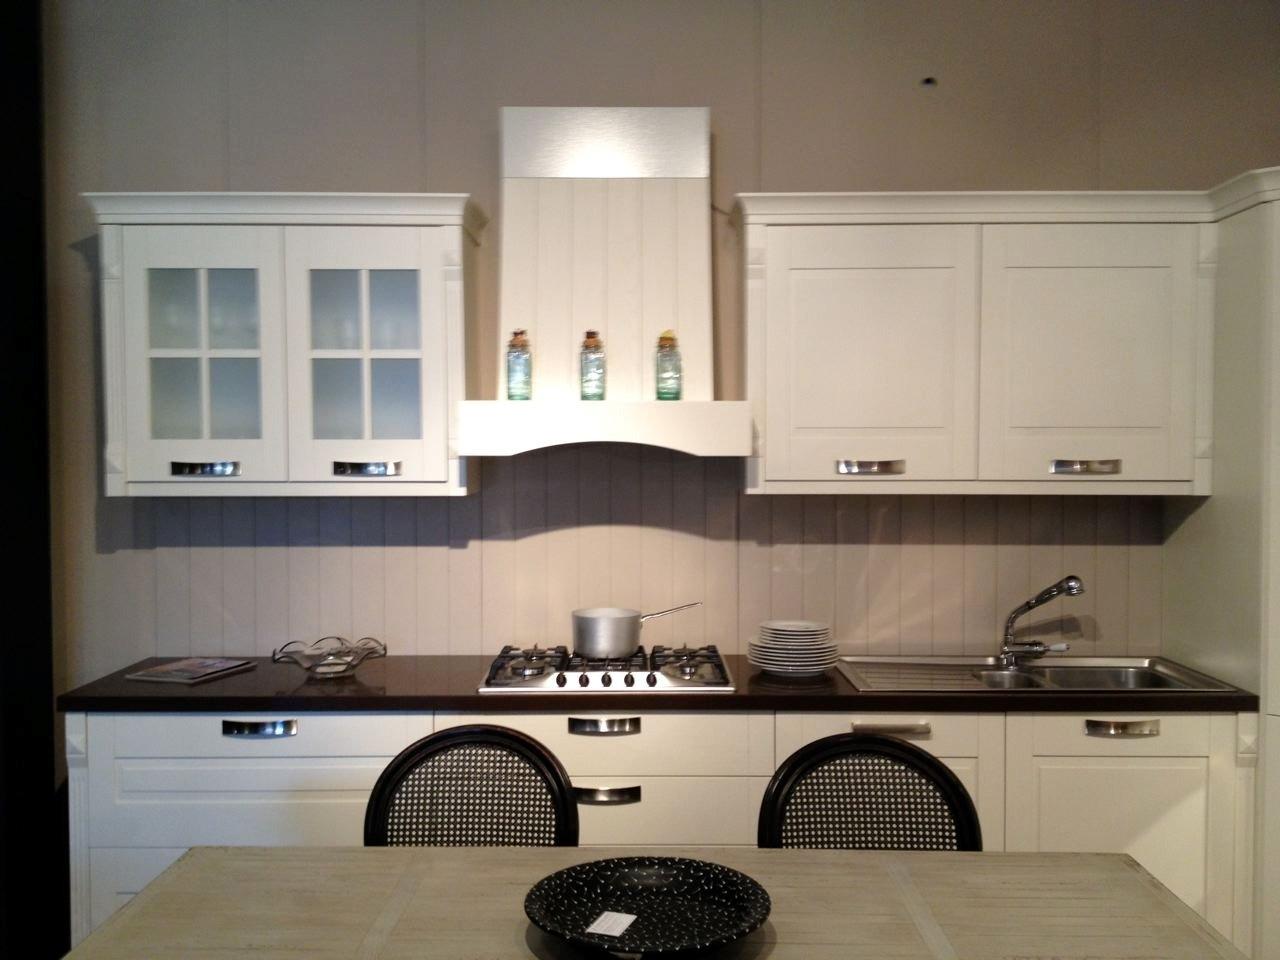 Cucina Sicc cucine S74 Classica - Cucine a prezzi scontati